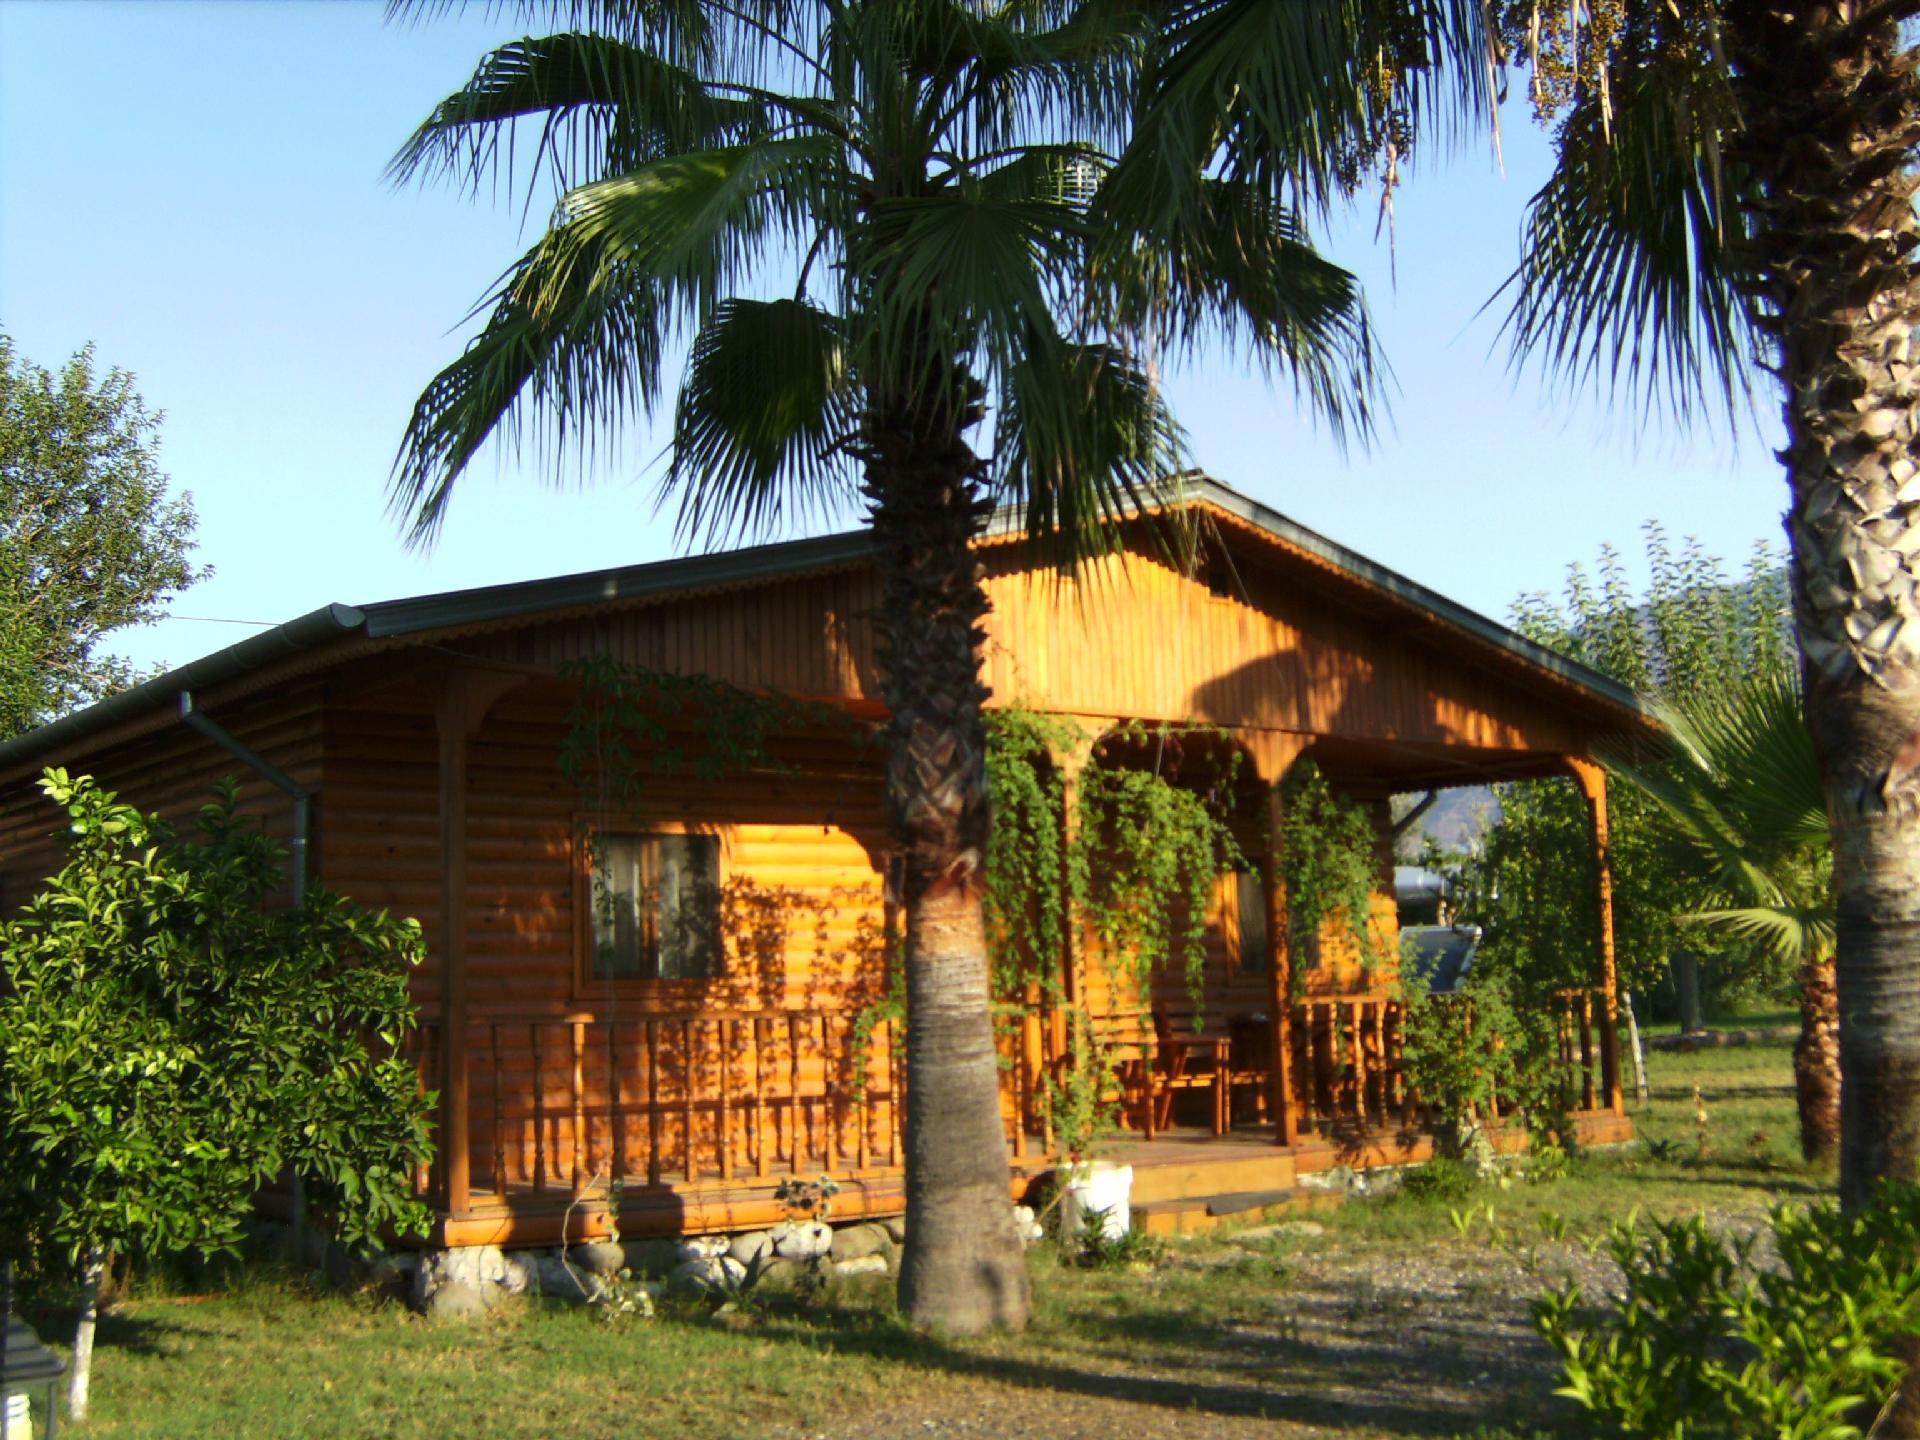 Ferienhaus für 5 Personen ca. 64 m² in K  in Türkei